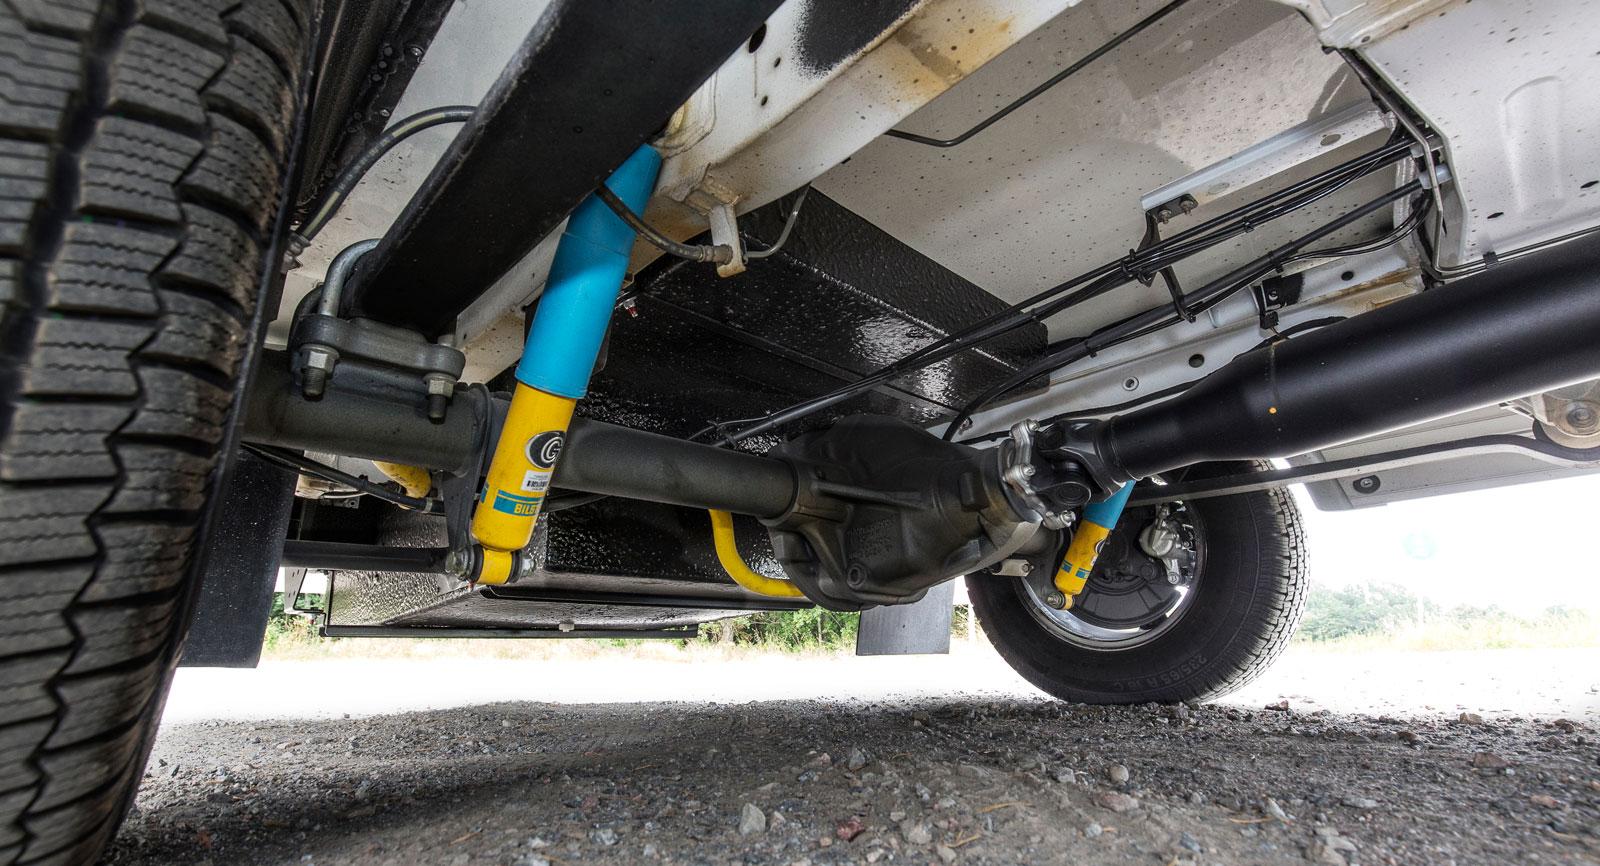 Bakhjulsdrift  är ofta en fördel på en husbil. Å andra sidan är det tyngre.